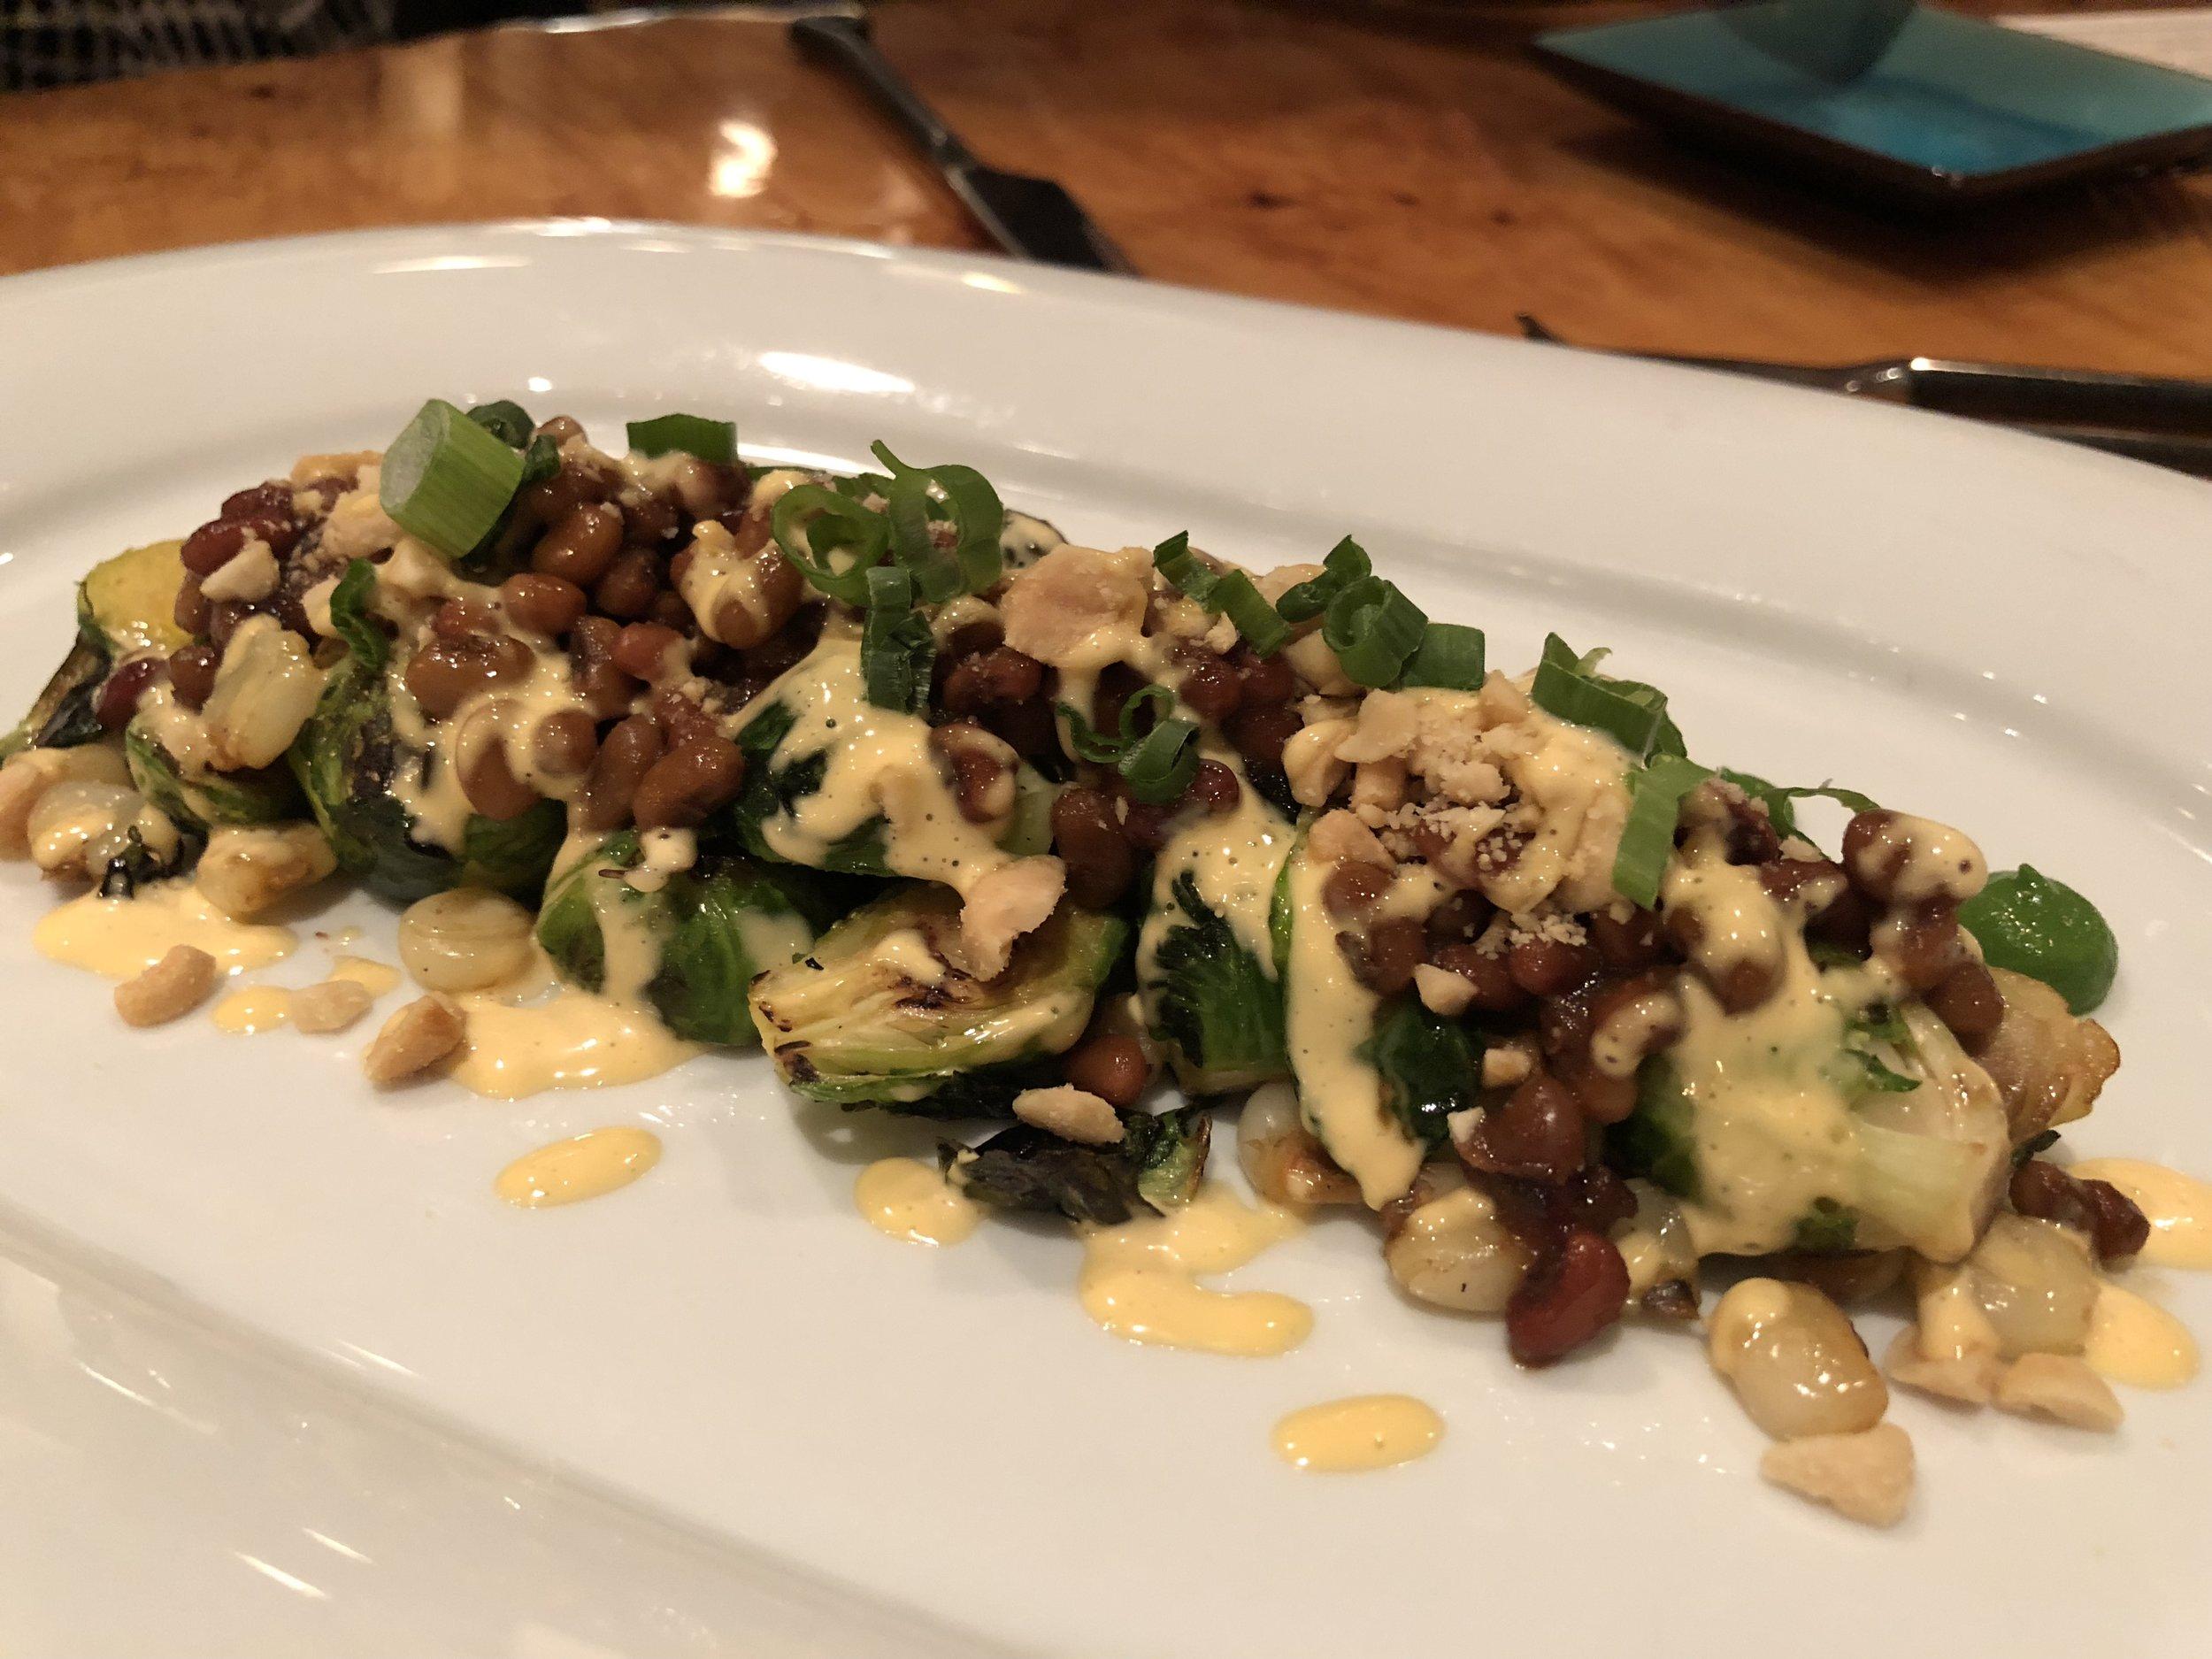 Brussels Sprout Salad - Sea Island Peas. Hominy. Peanuts. Tobago Aioli.